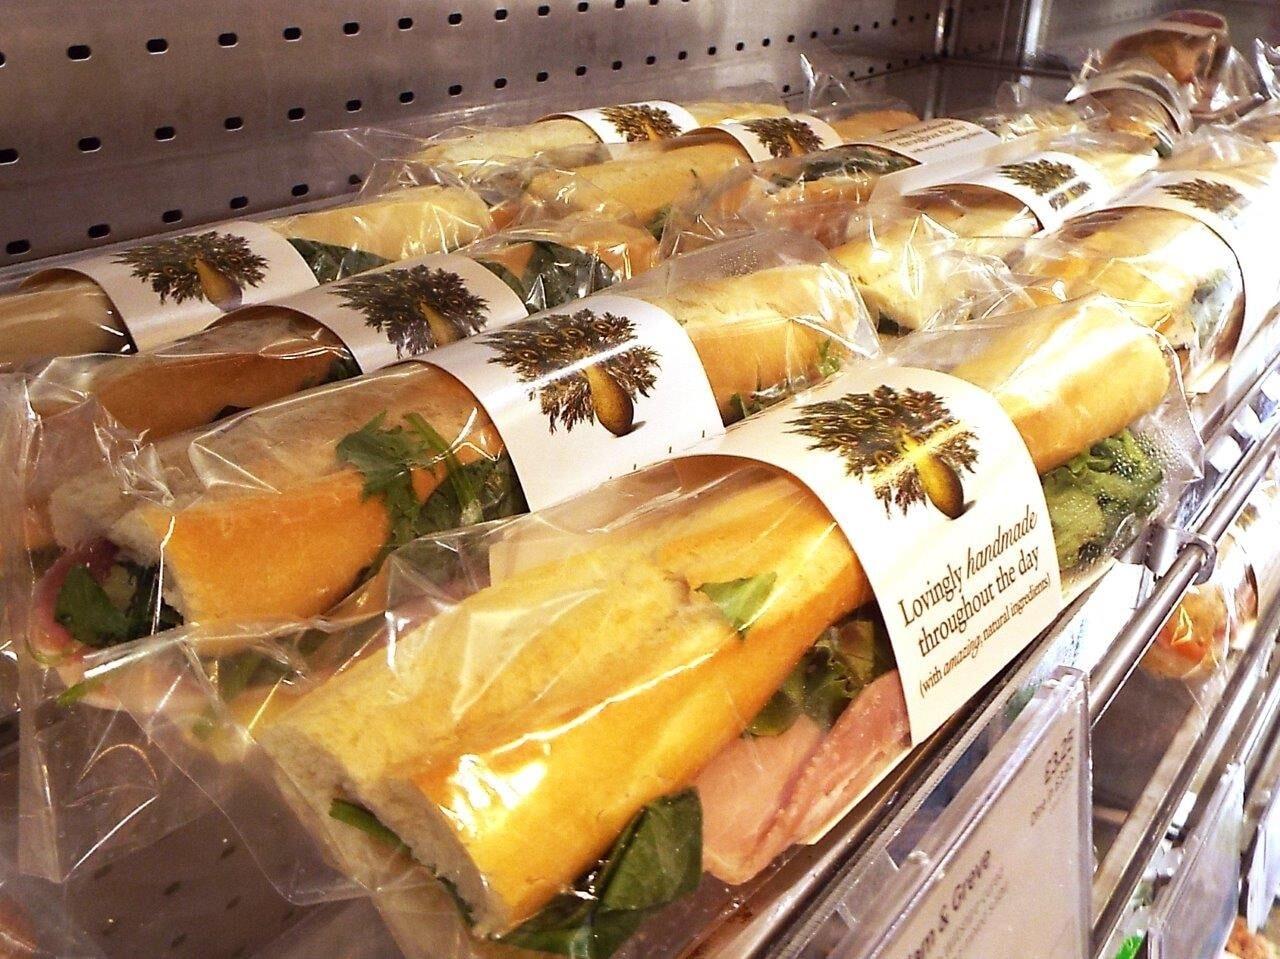 Pret baguettes available